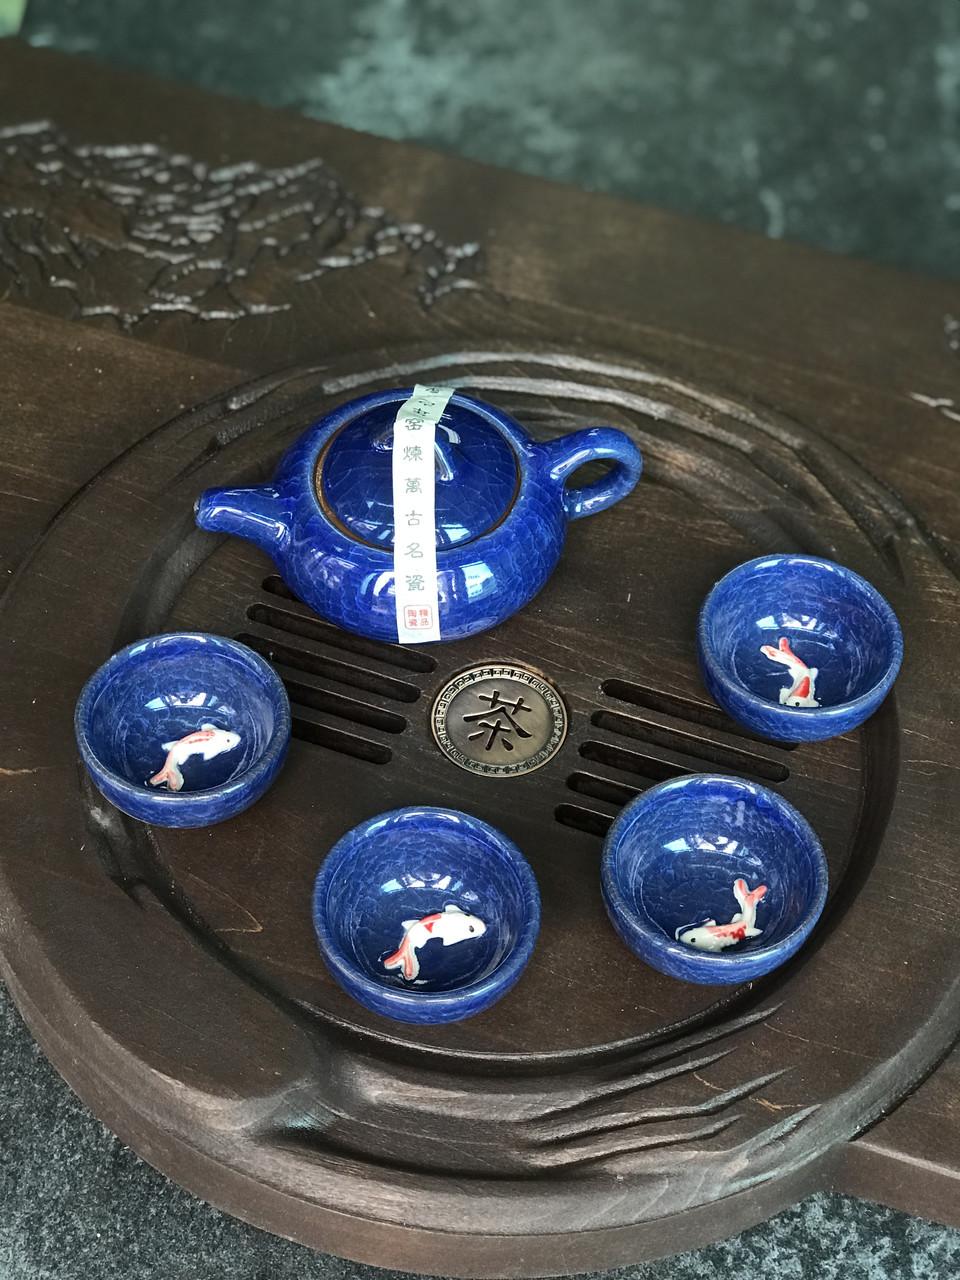 Набір посуду з рибкою глиняний для чайної церемонії Синій (4 піали+чайник)